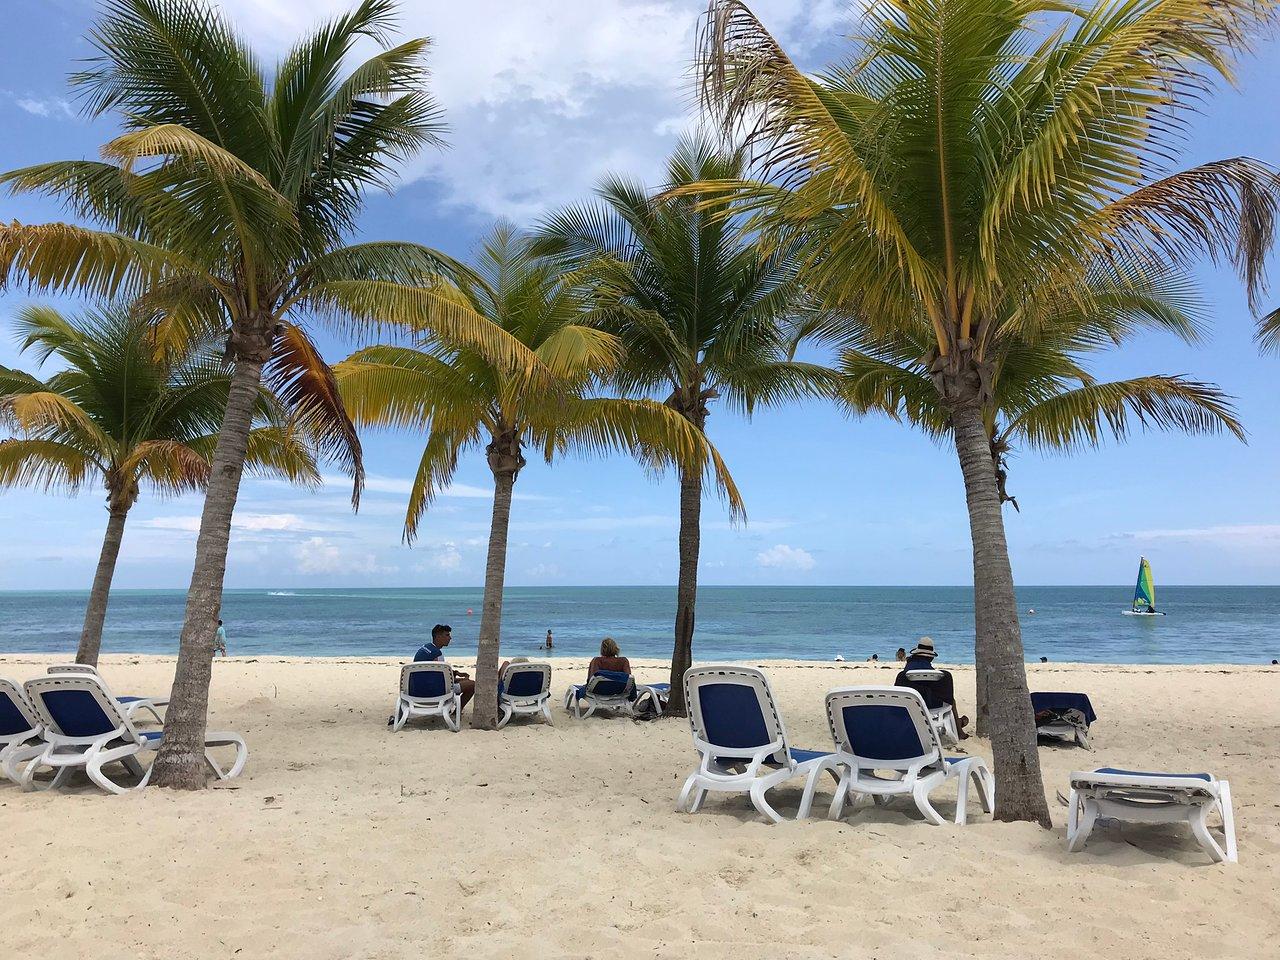 Viva_Wyndham_Fortuna_Beach_Beach_bc18da6e4a.jpg